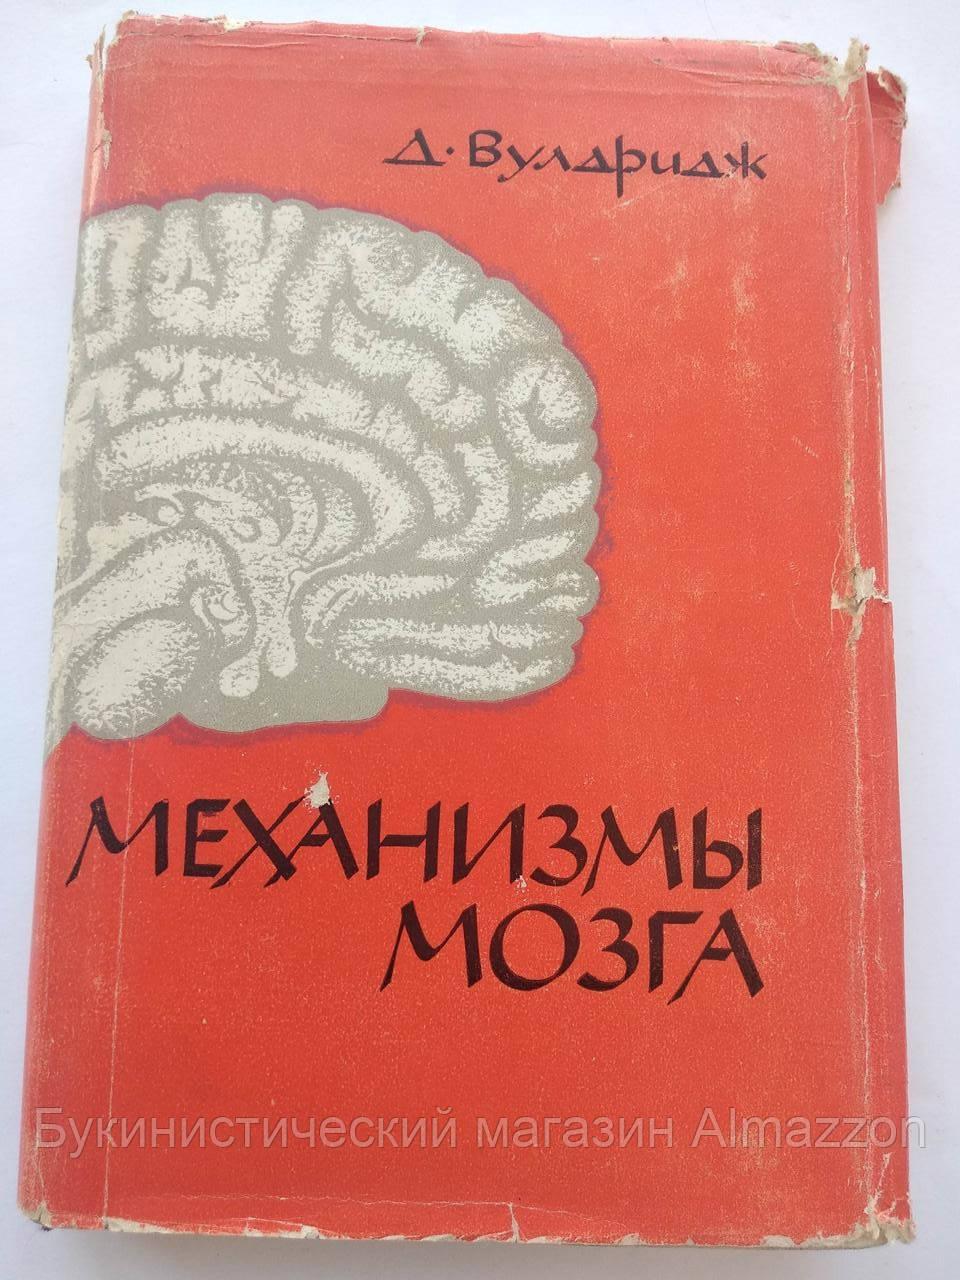 Механизмы мозга Д.Вулдридж 1965 год